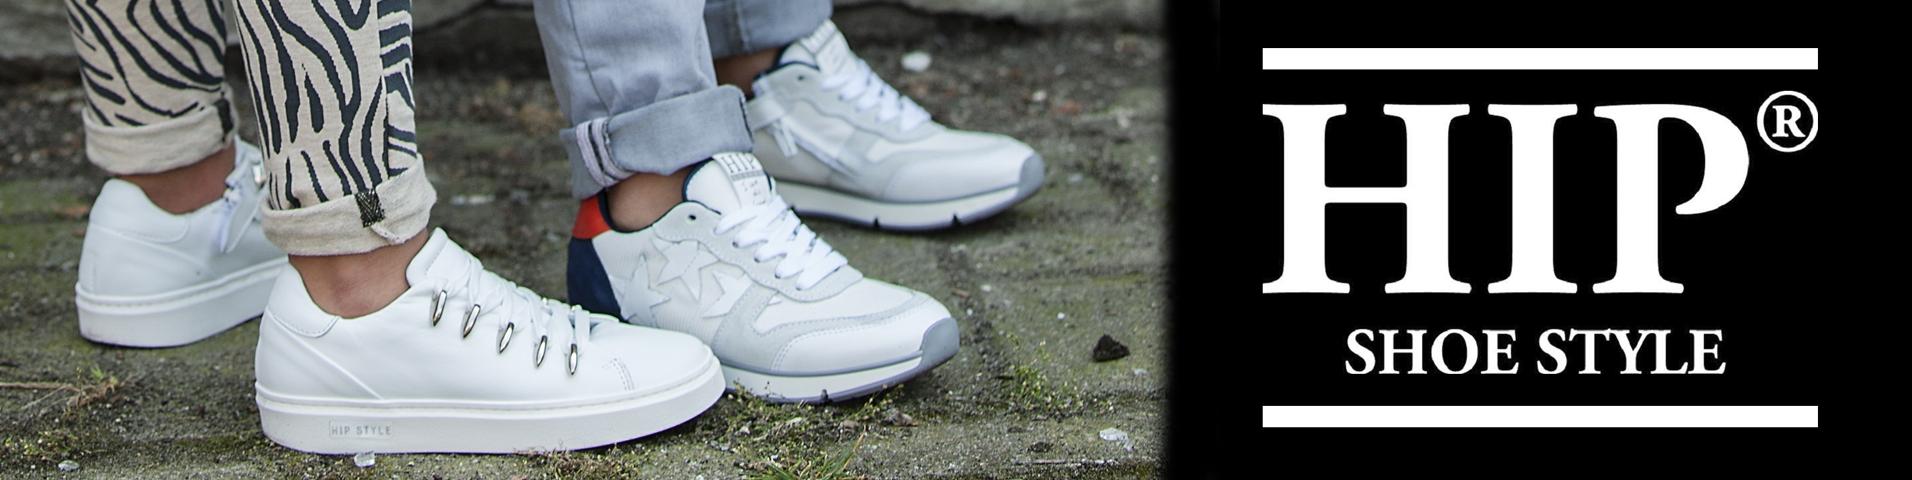 Soldes Collection Sur Argent Nouvelle Hip Chaussures Zalando r1wIqfr4